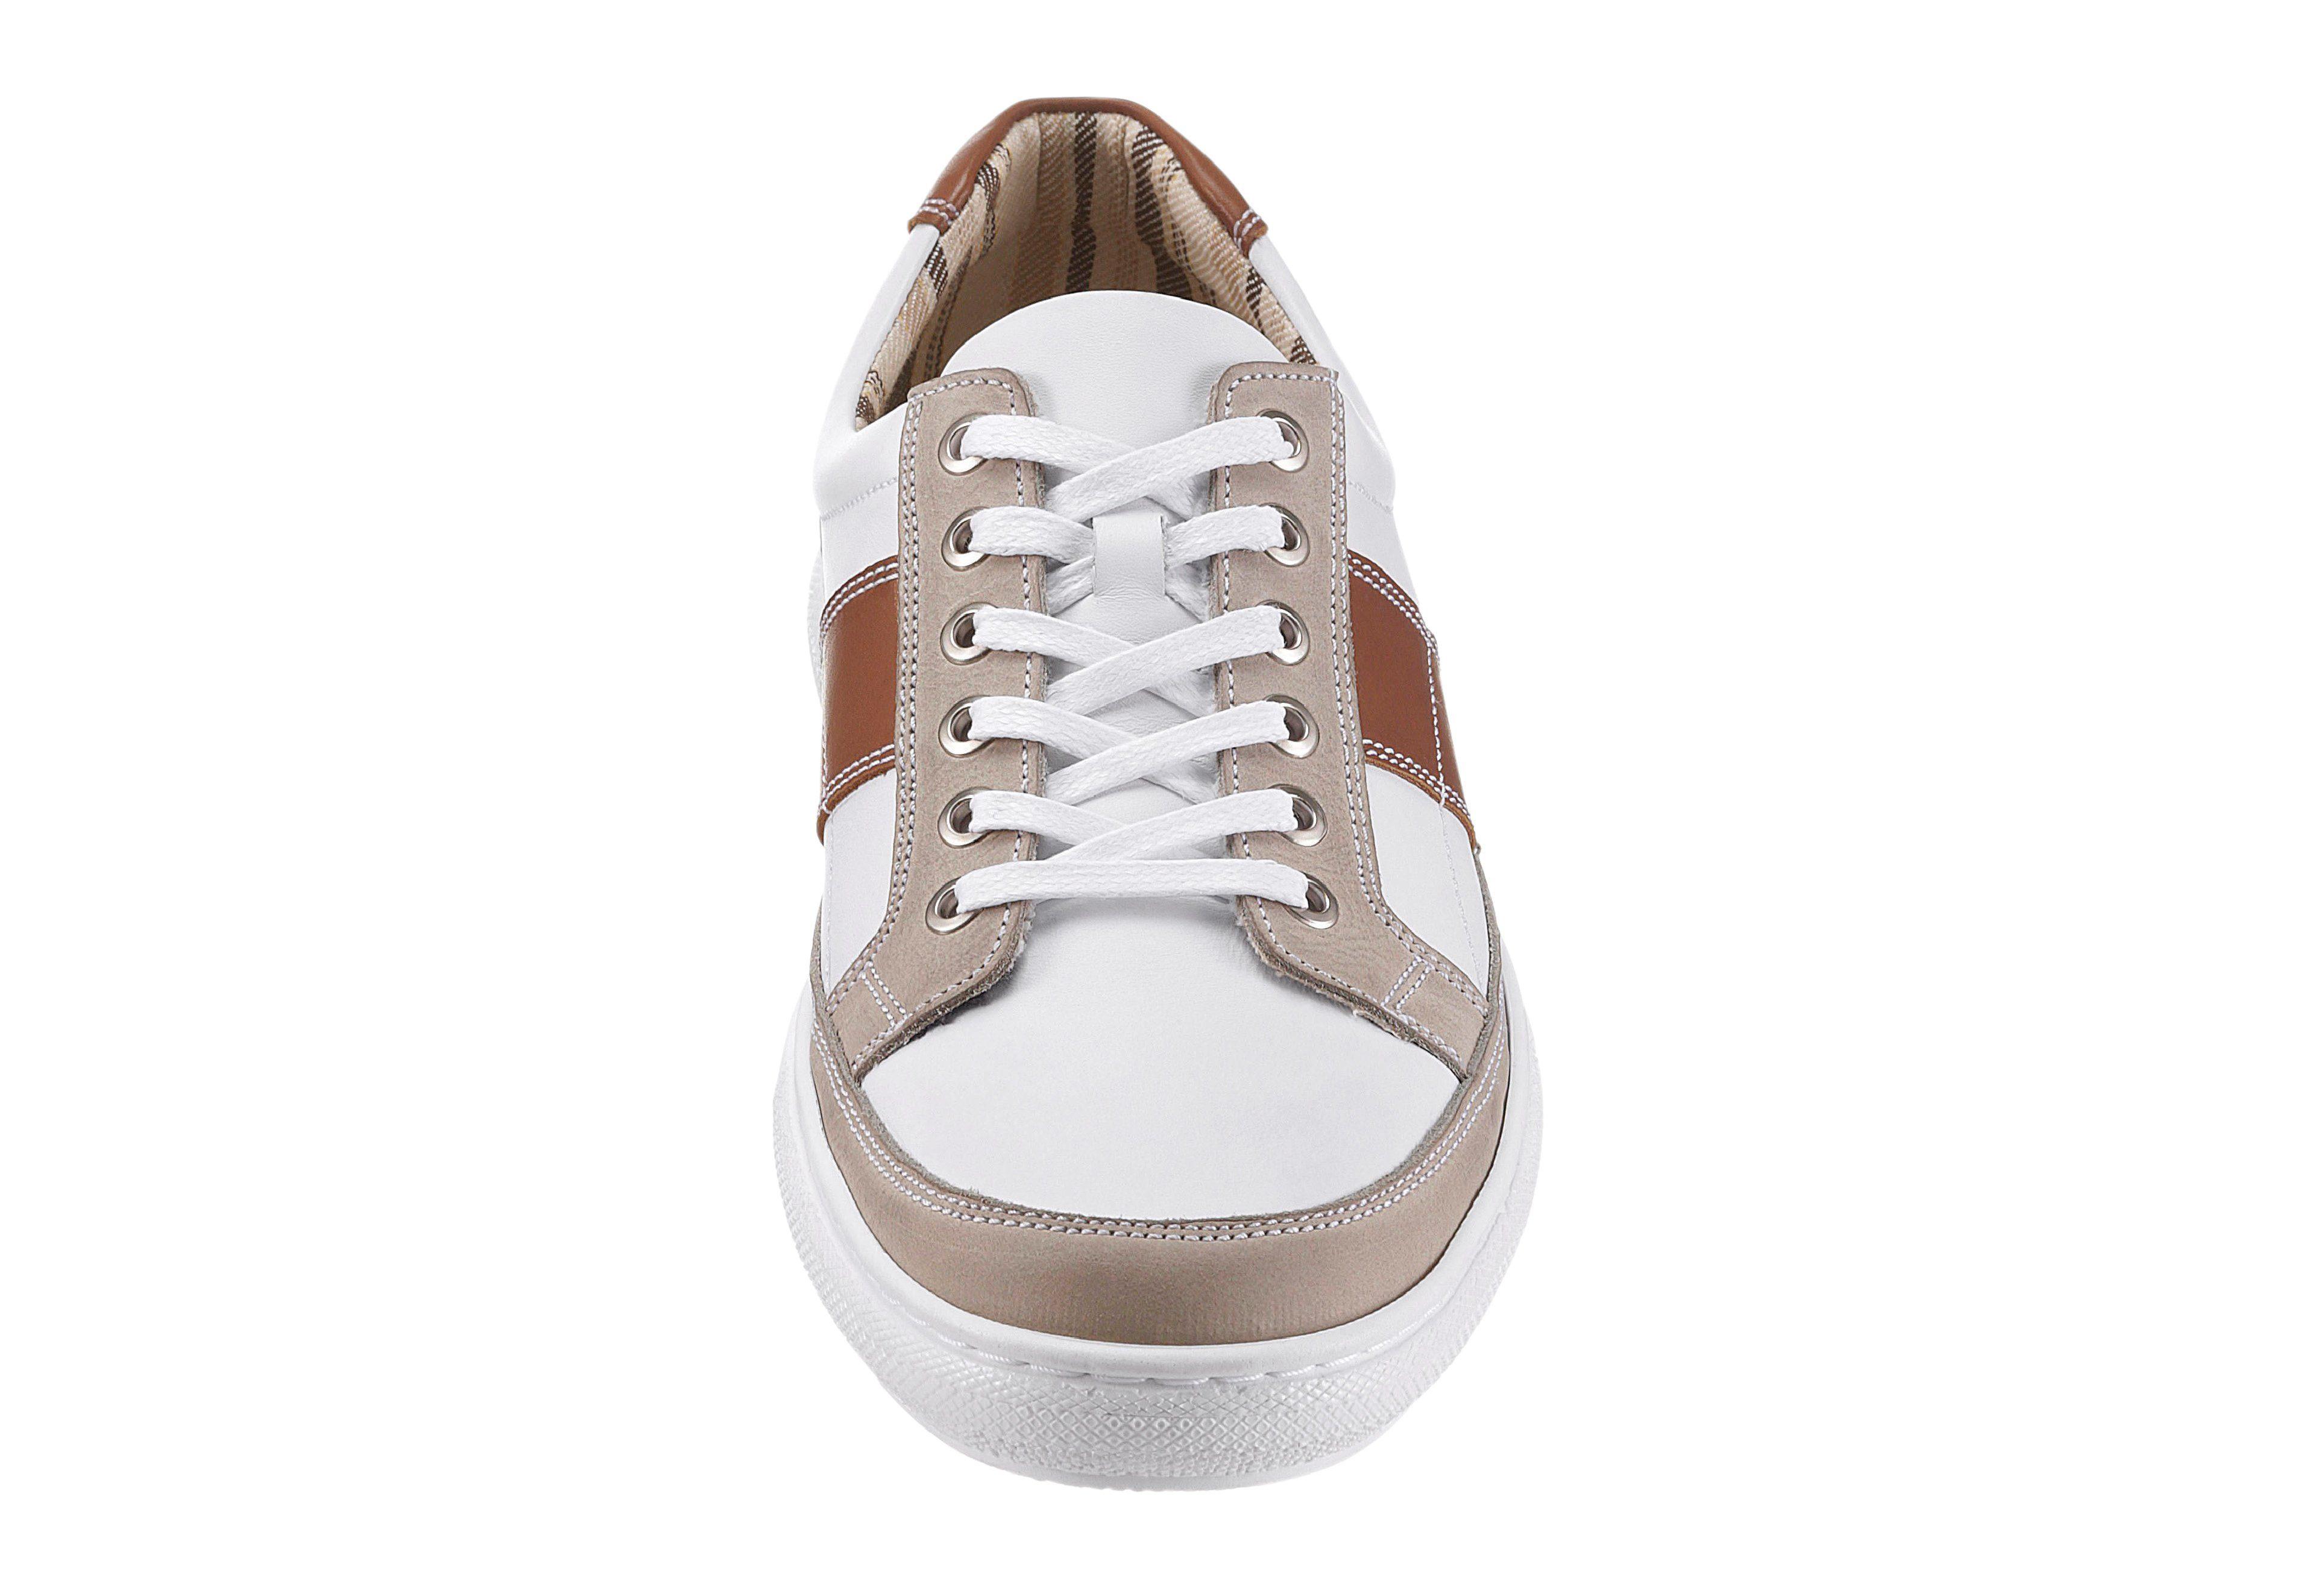 Kaufen Weiß nr Artikel Softwalk beige Mit Wechselfußbett 8288095586 Schnürschuh RgqA6x